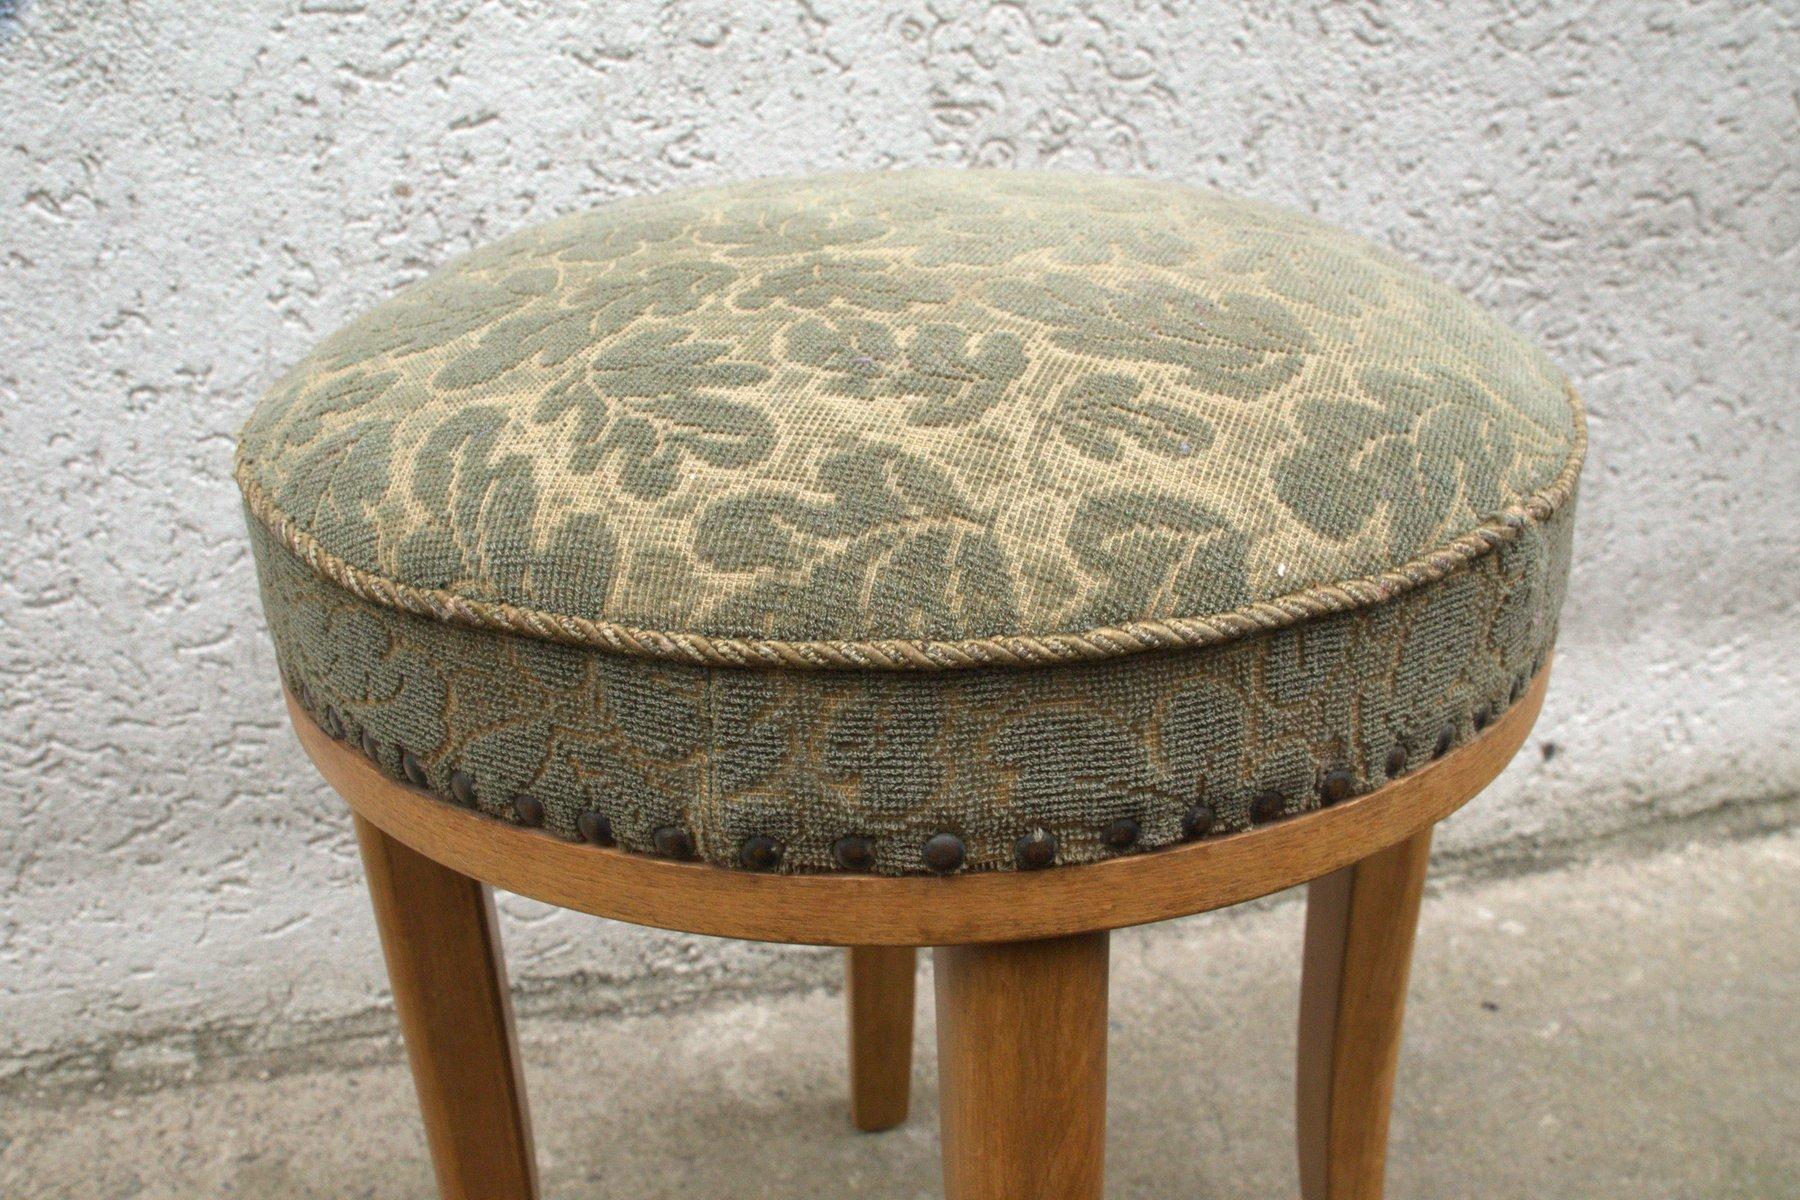 hocker aus hellem eichenholz mit floralem bezug 1950er bei pamono kaufen. Black Bedroom Furniture Sets. Home Design Ideas